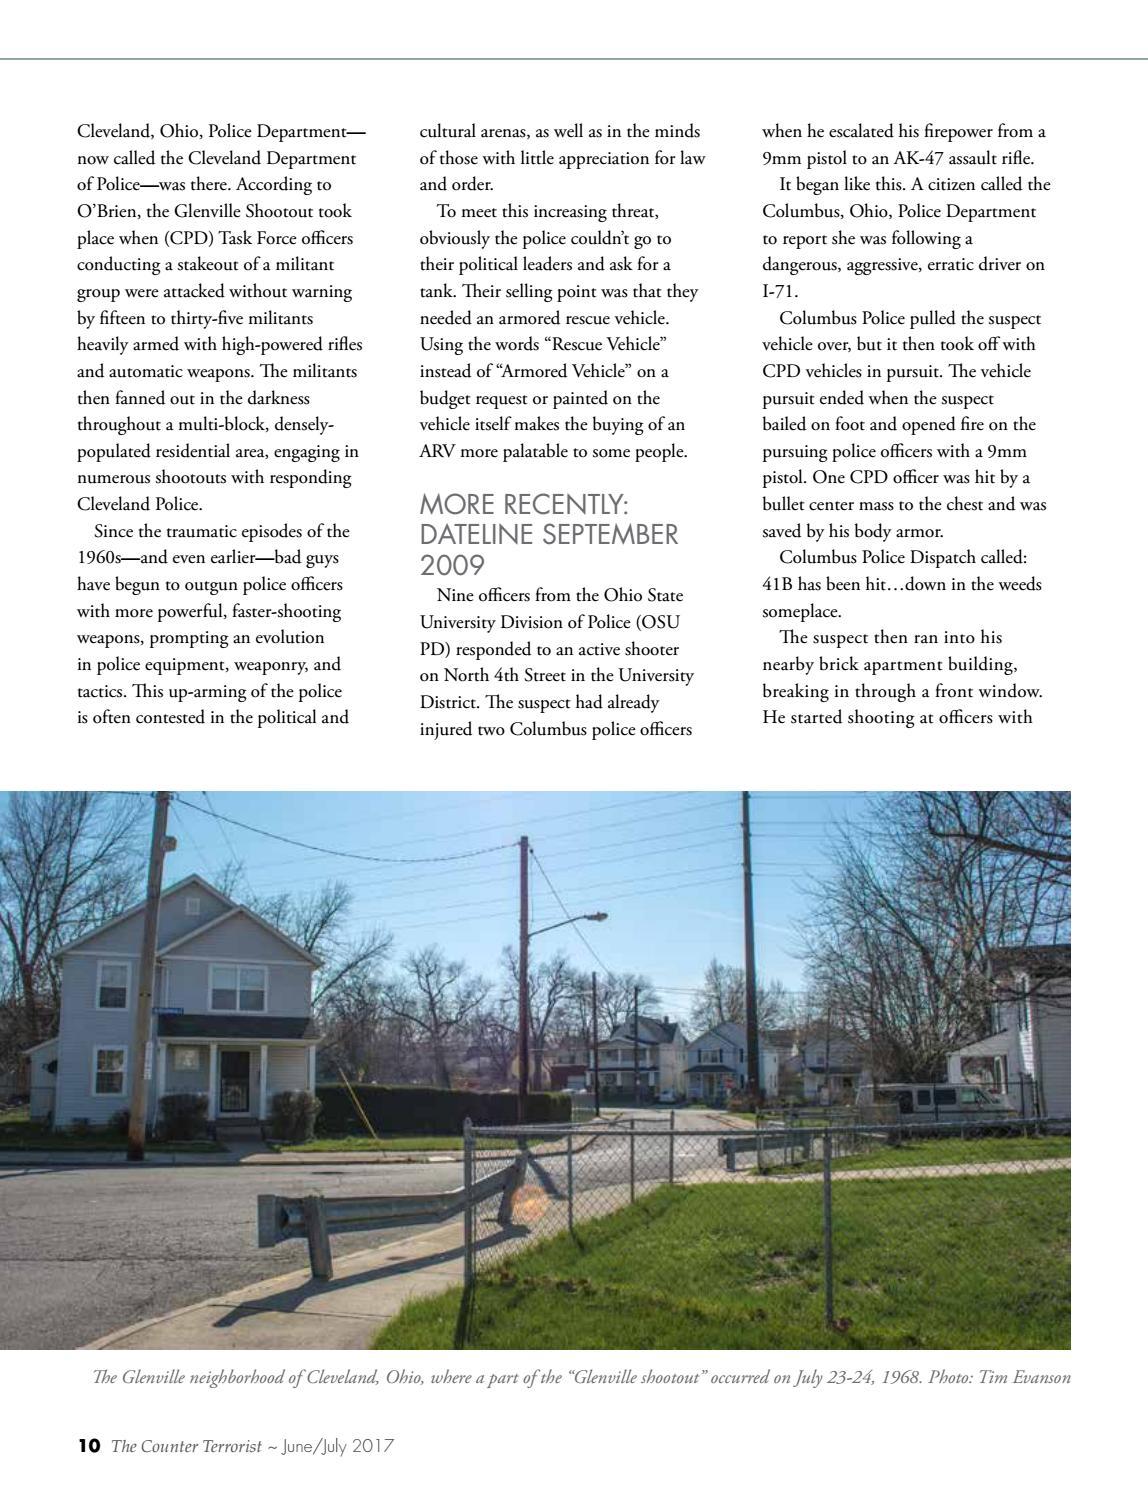 the counter terrorist magazine pdf